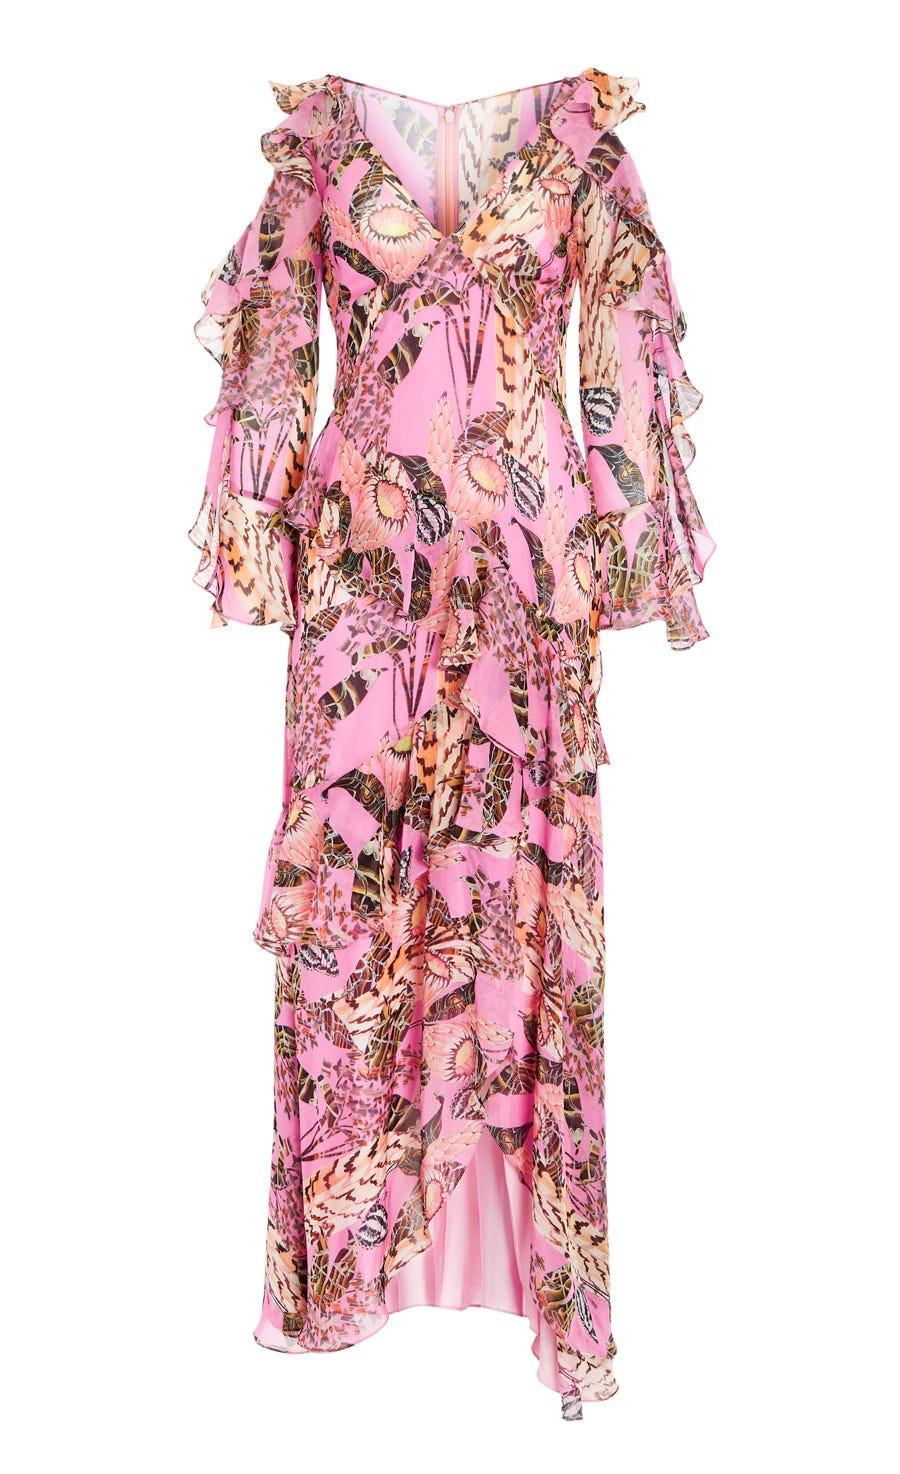 Harmony Print Ruffle Dress